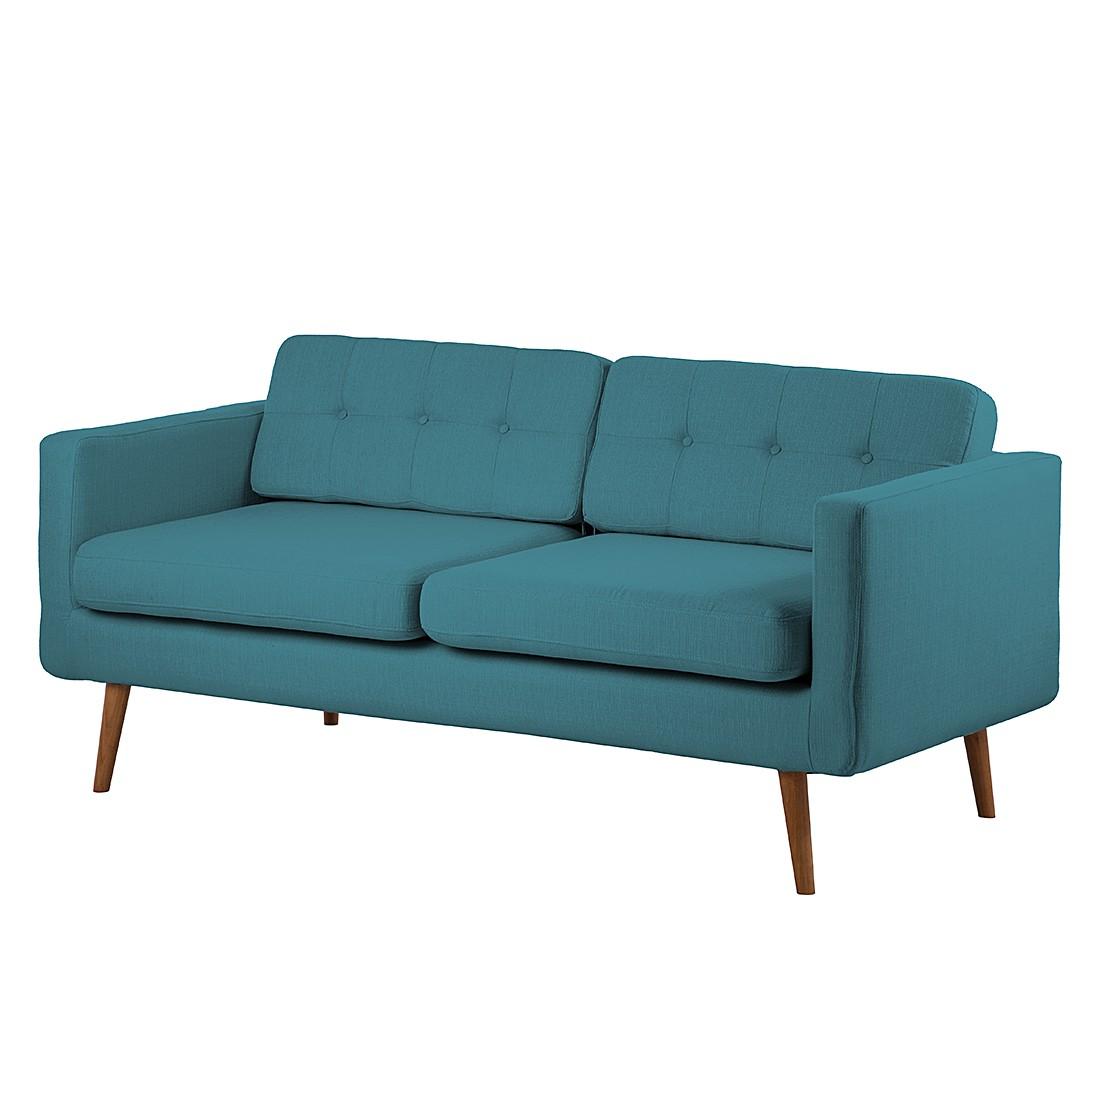 jetzt kaufen fashion und new style ganz einfach gefunden. Black Bedroom Furniture Sets. Home Design Ideas